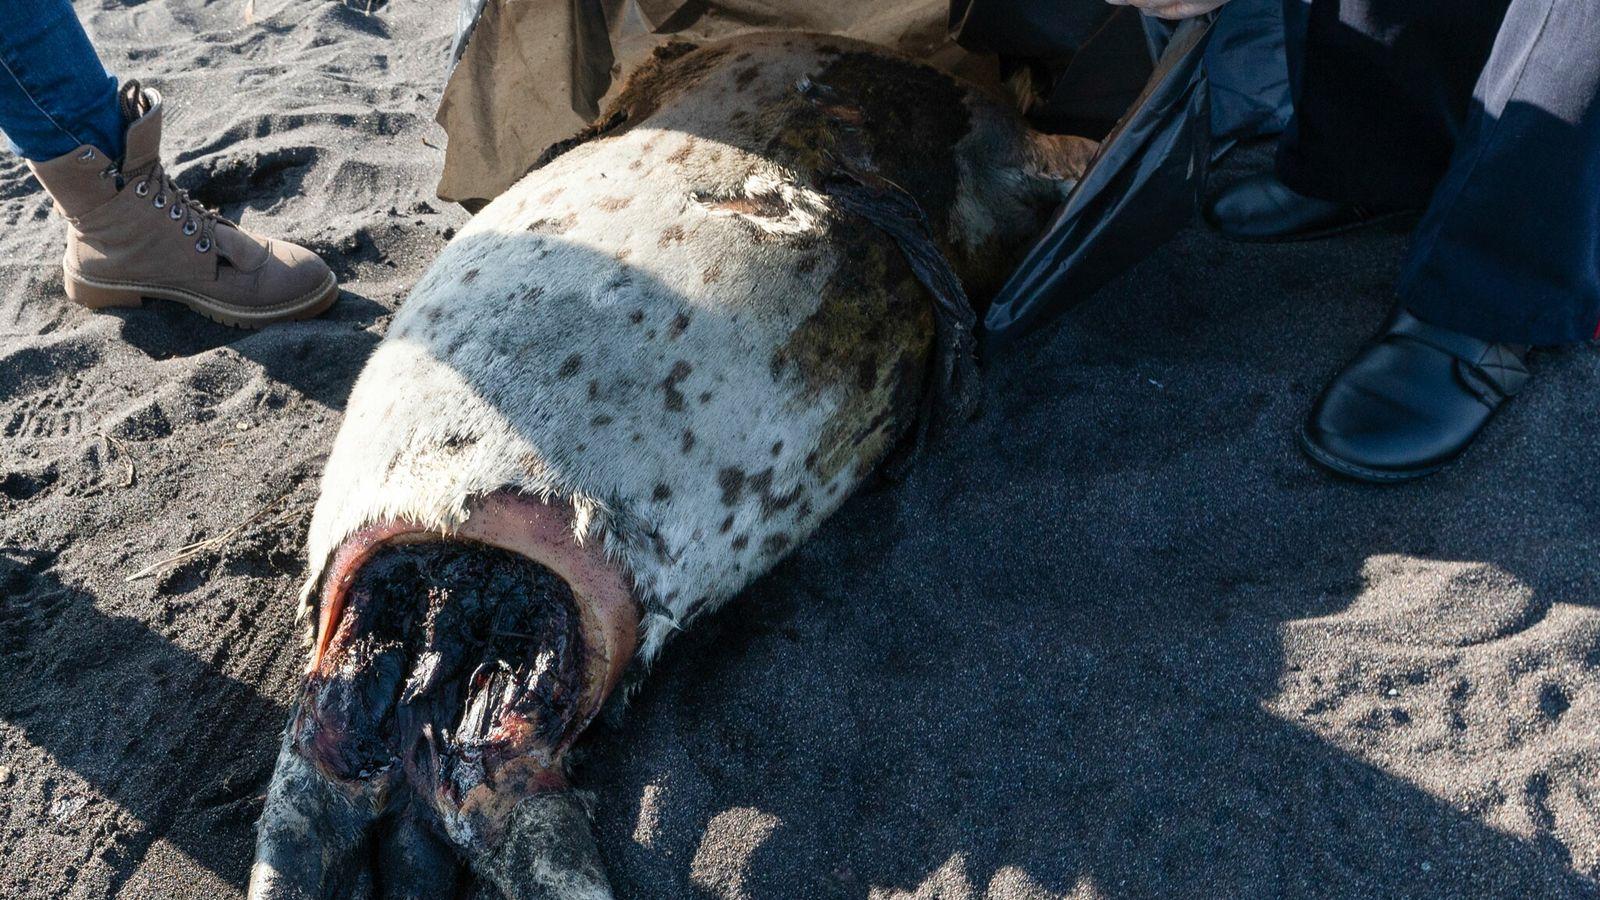 Uma foca-manchada (Phoca largha) foi encontrada morta na praia de Khalaktyrskiy, no Extremo Oriente da Rússia, ...